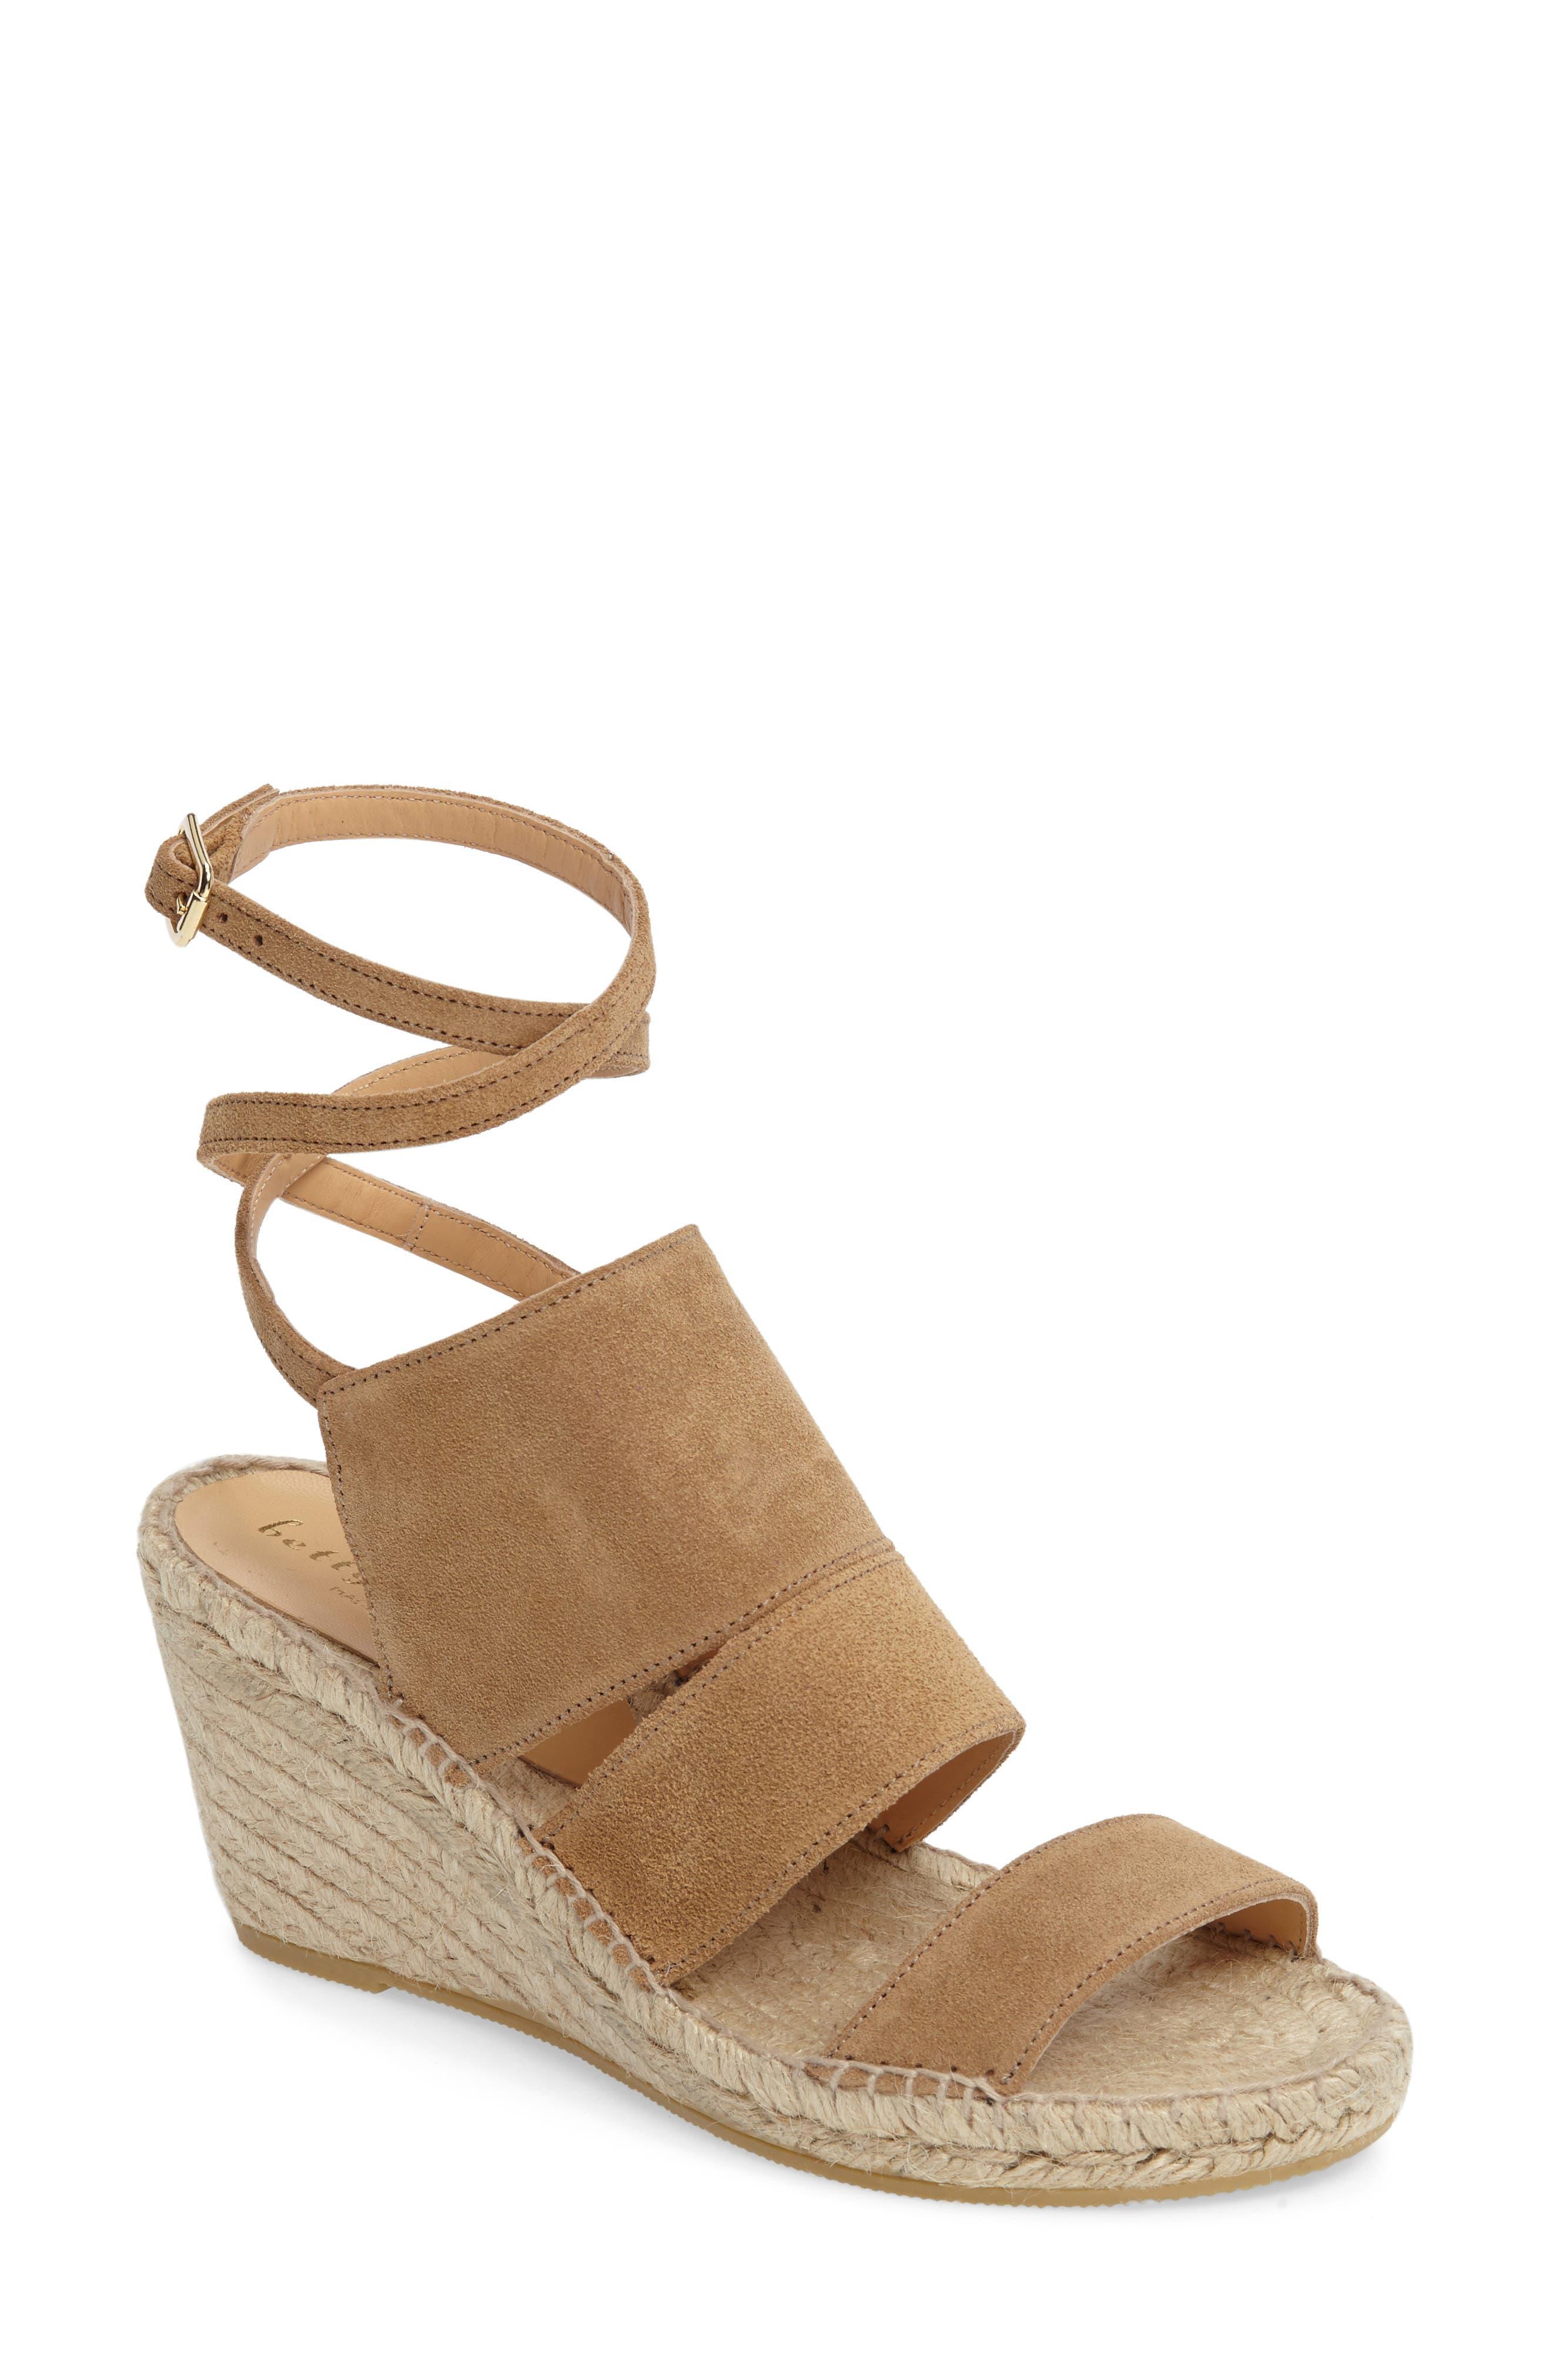 Bettye Muller Dusty Espadrille Wedge Sandal (Women)